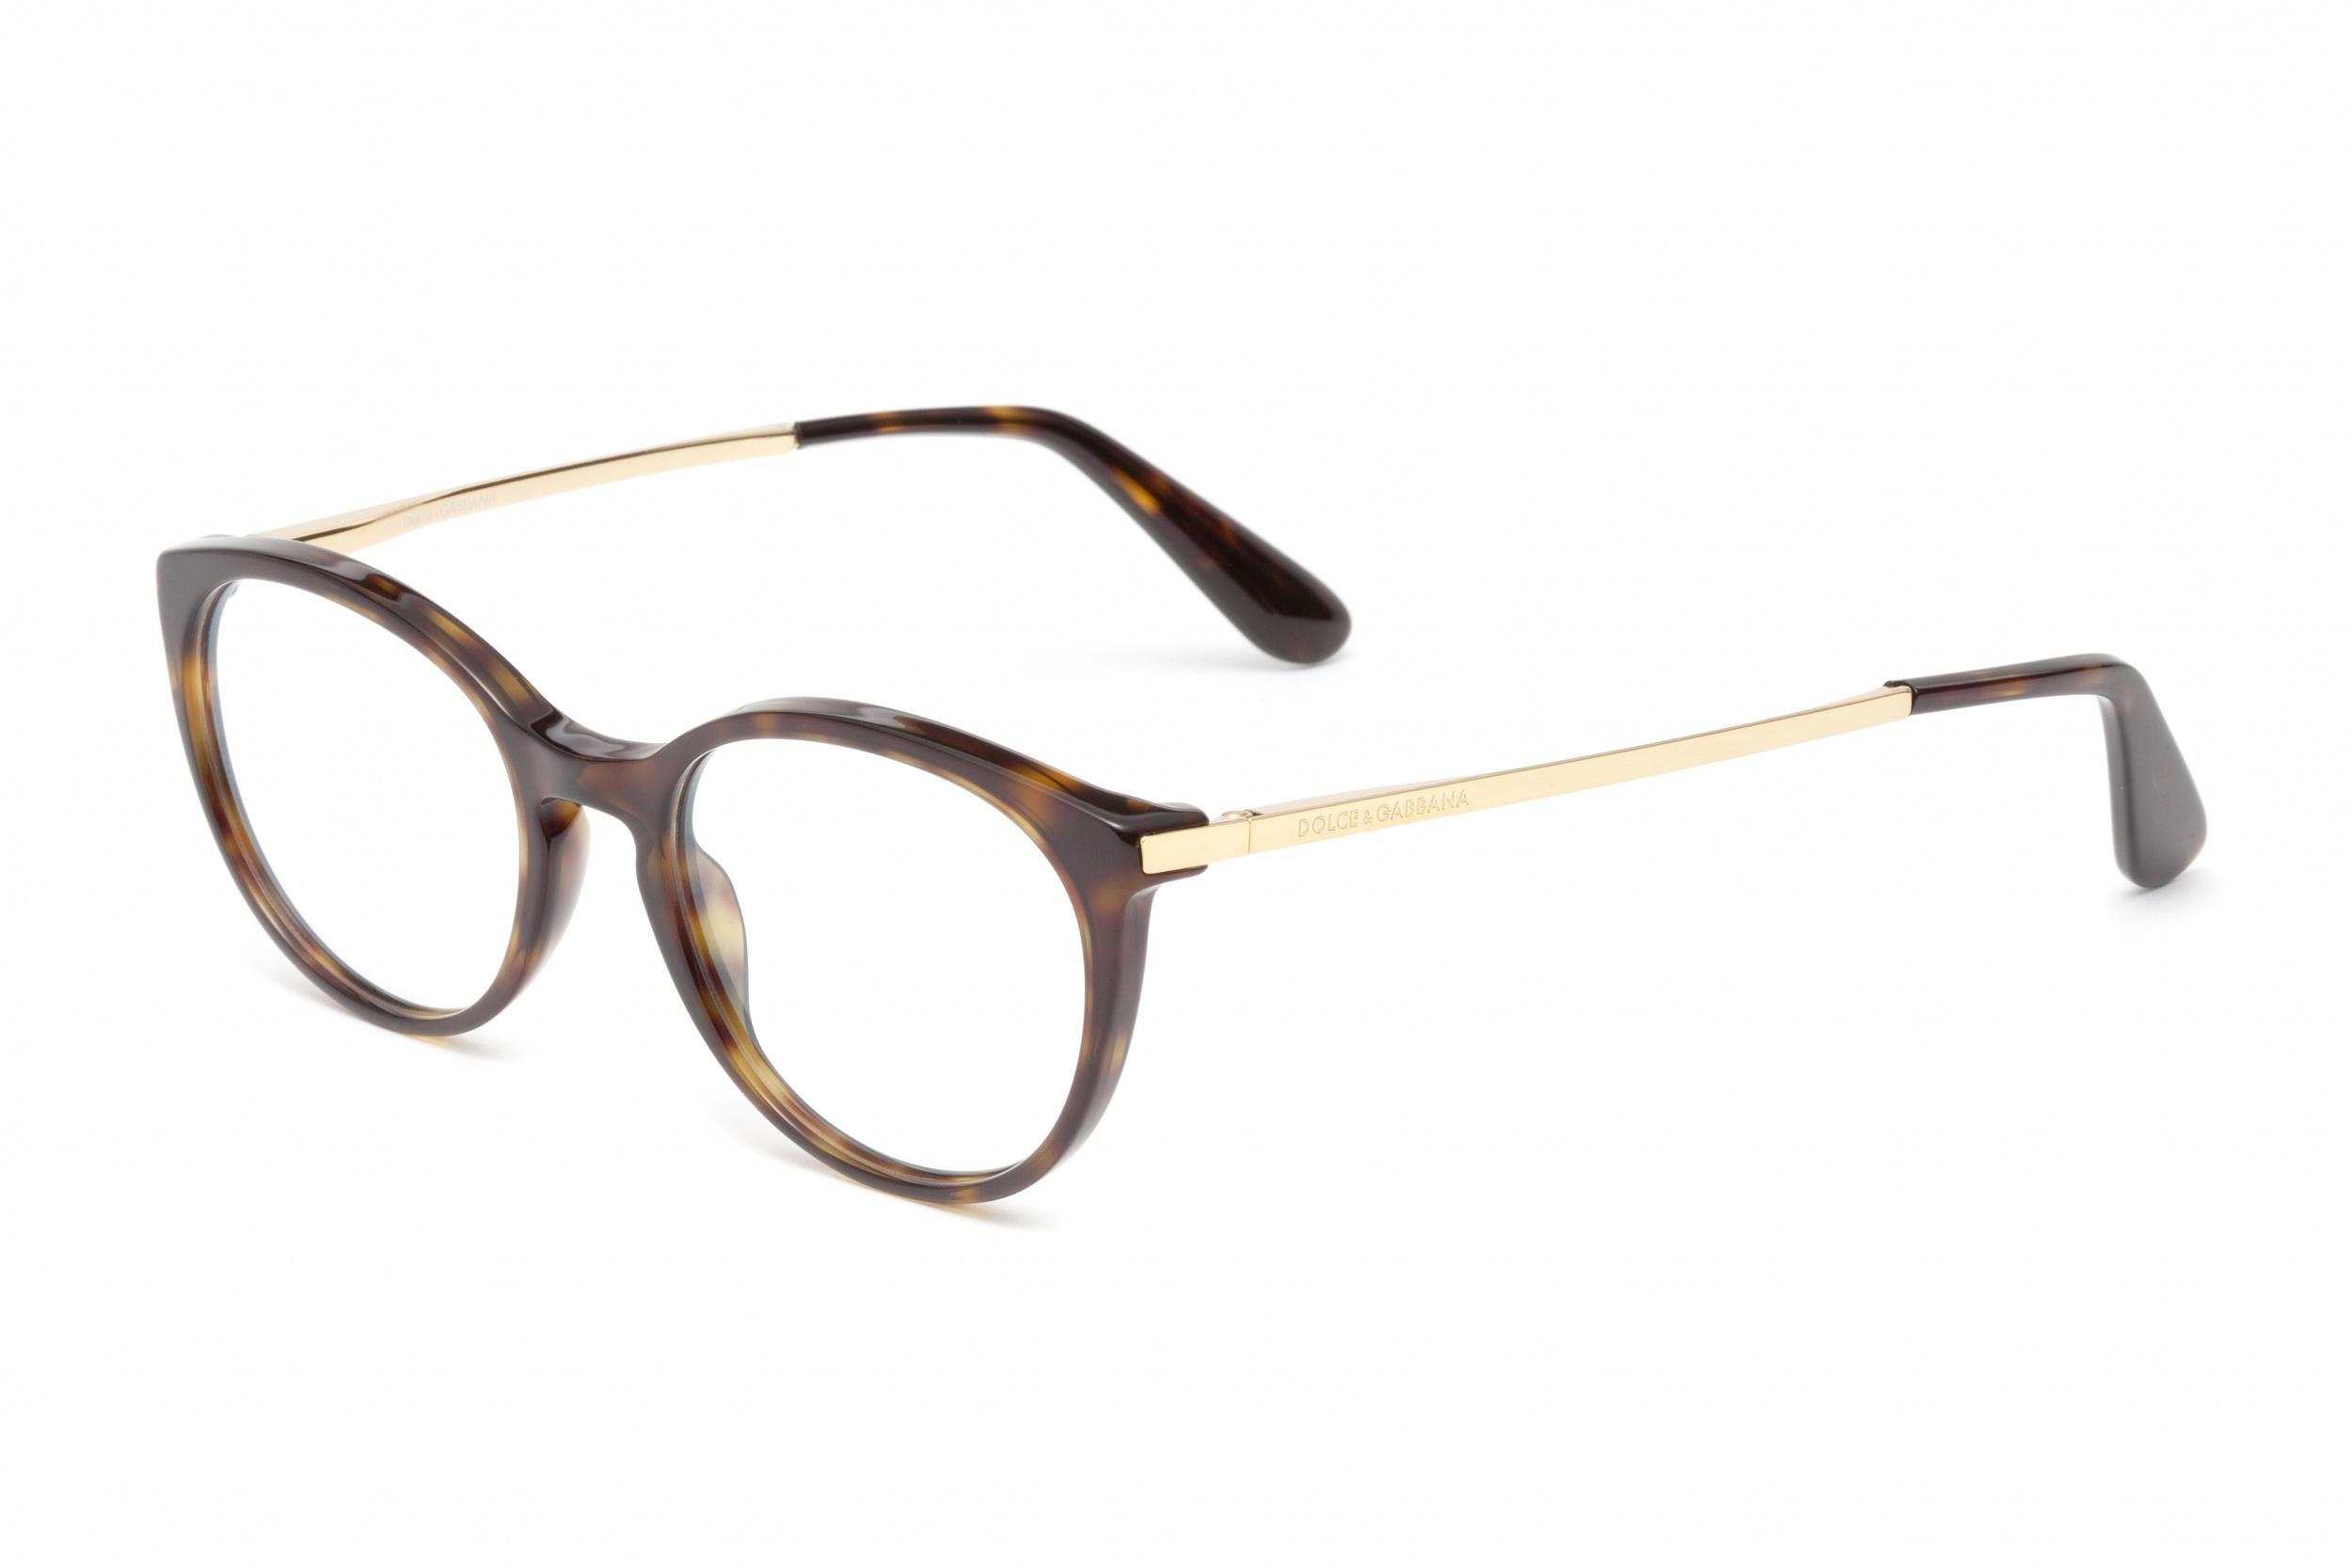 A szemüvegkeretek pantoszkópikus dőlése nagyobb látószöget biztosít  viselőjének. A klasszikus fekete és havannai barna mellett a modell  elérhető szürke be9141b523